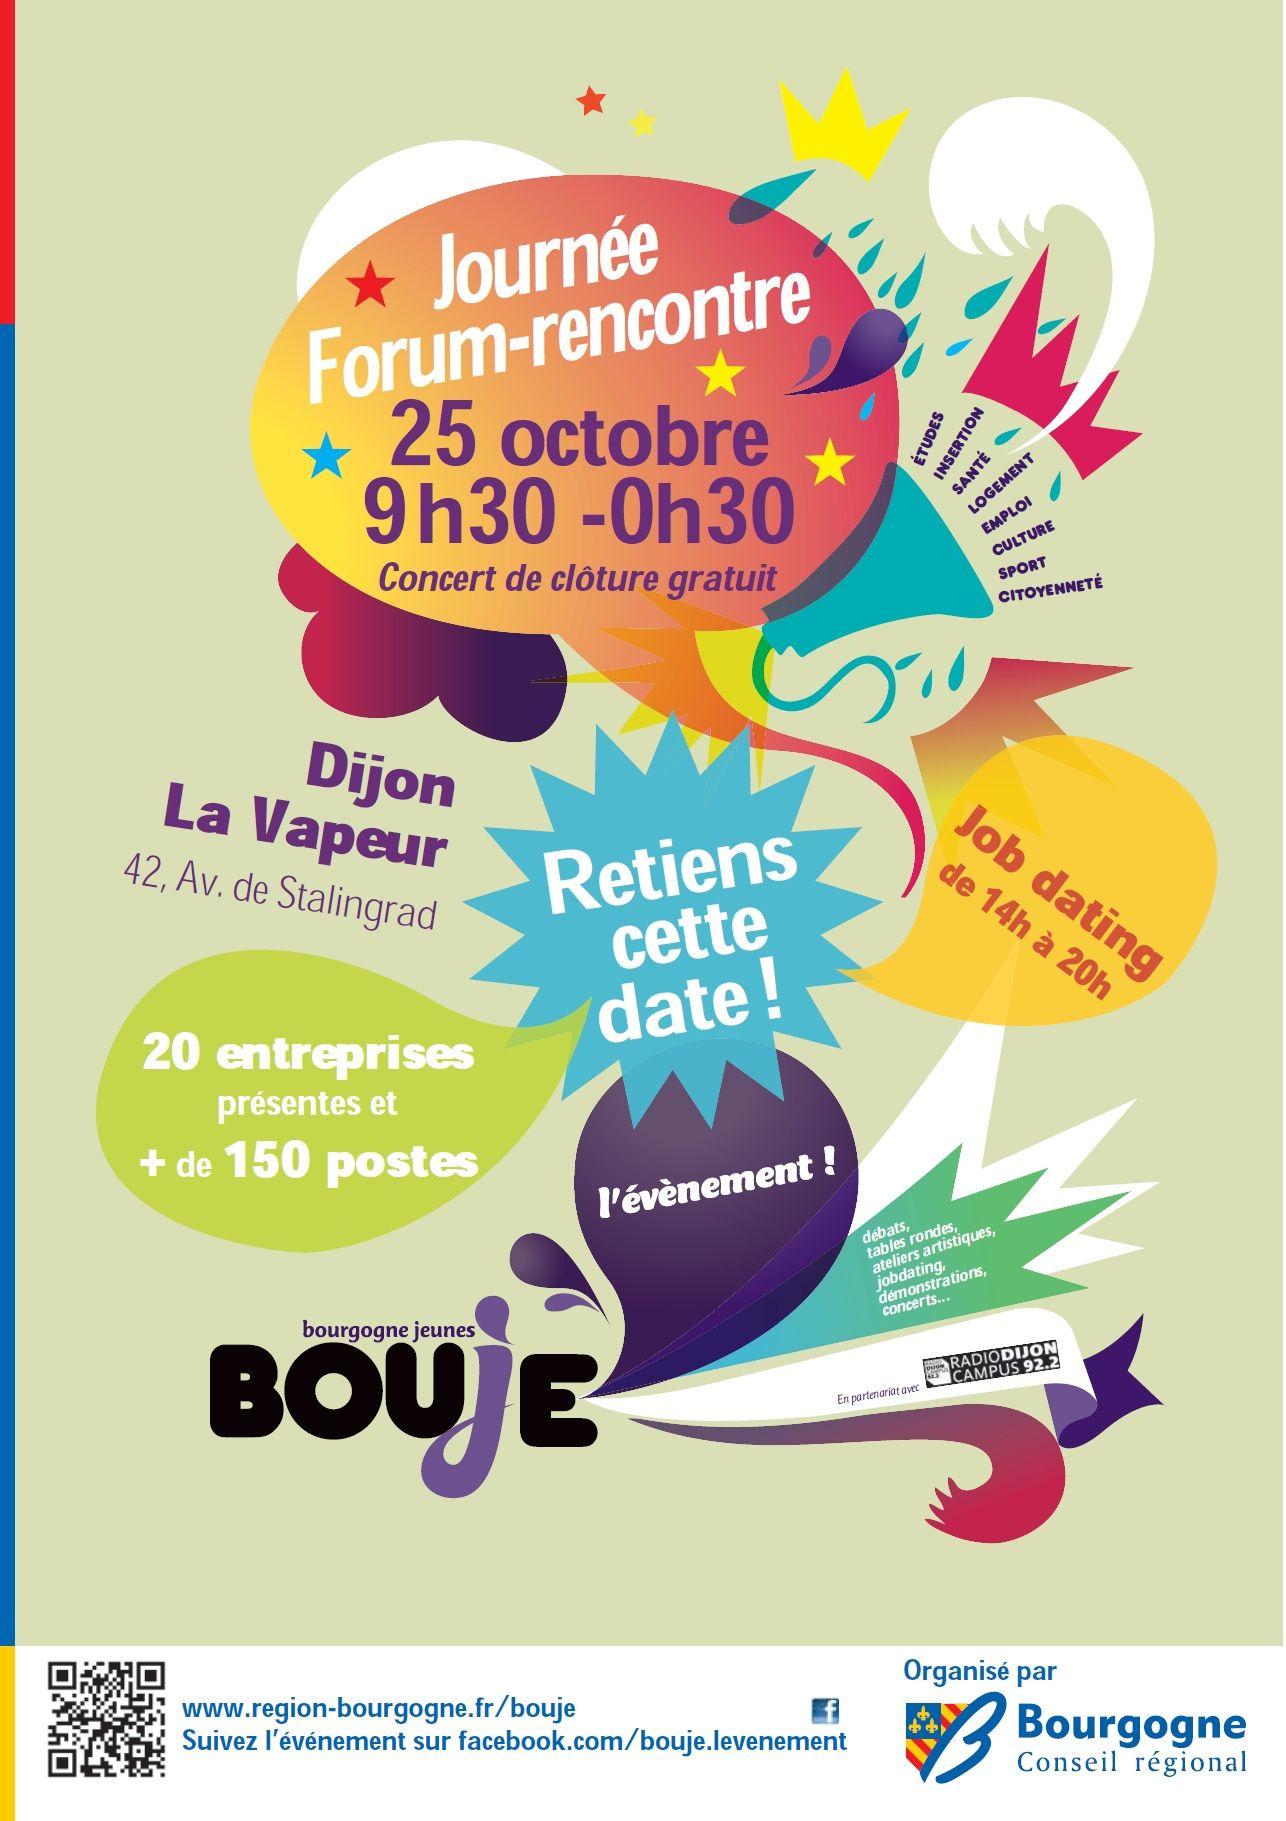 Conseil Régional de Bourgogne recrute Le 25 octobre Journée Forum-Rencontre de 09h30 à 0h30